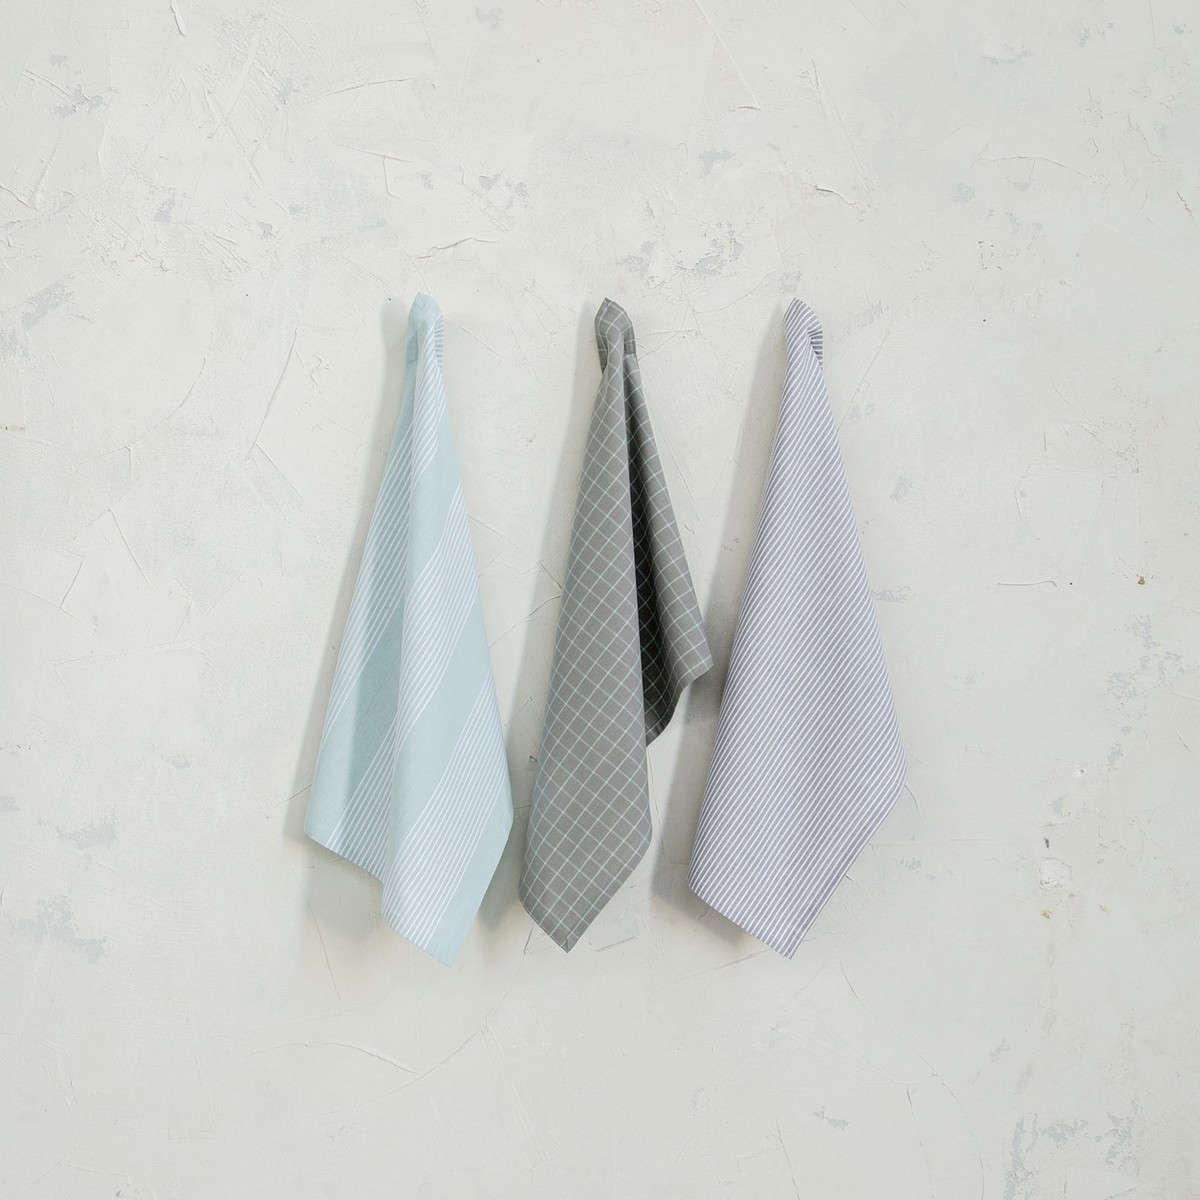 Πετσέτες Κουζίνας Σετ – Guzzle Multi Nima 50x70cm